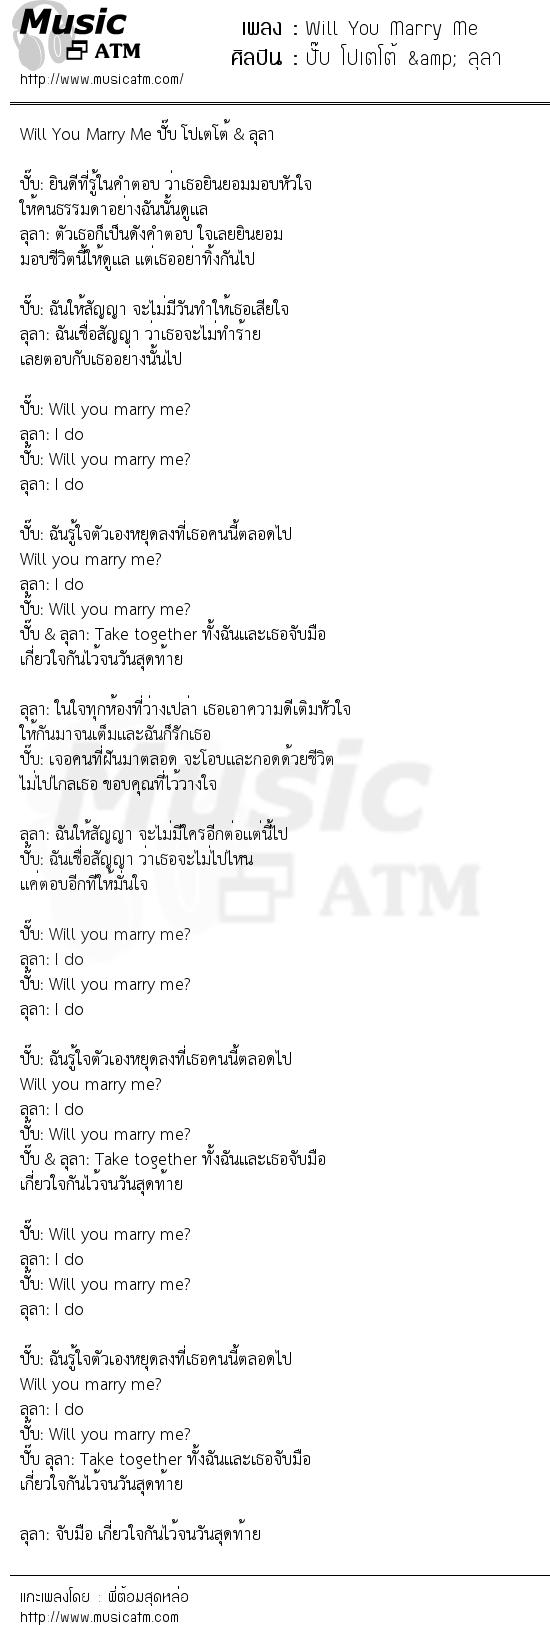 เนื้อเพลง Will You Marry Me - ปั๊บ โปเตโต้ & ลุลา   เพลงไทย